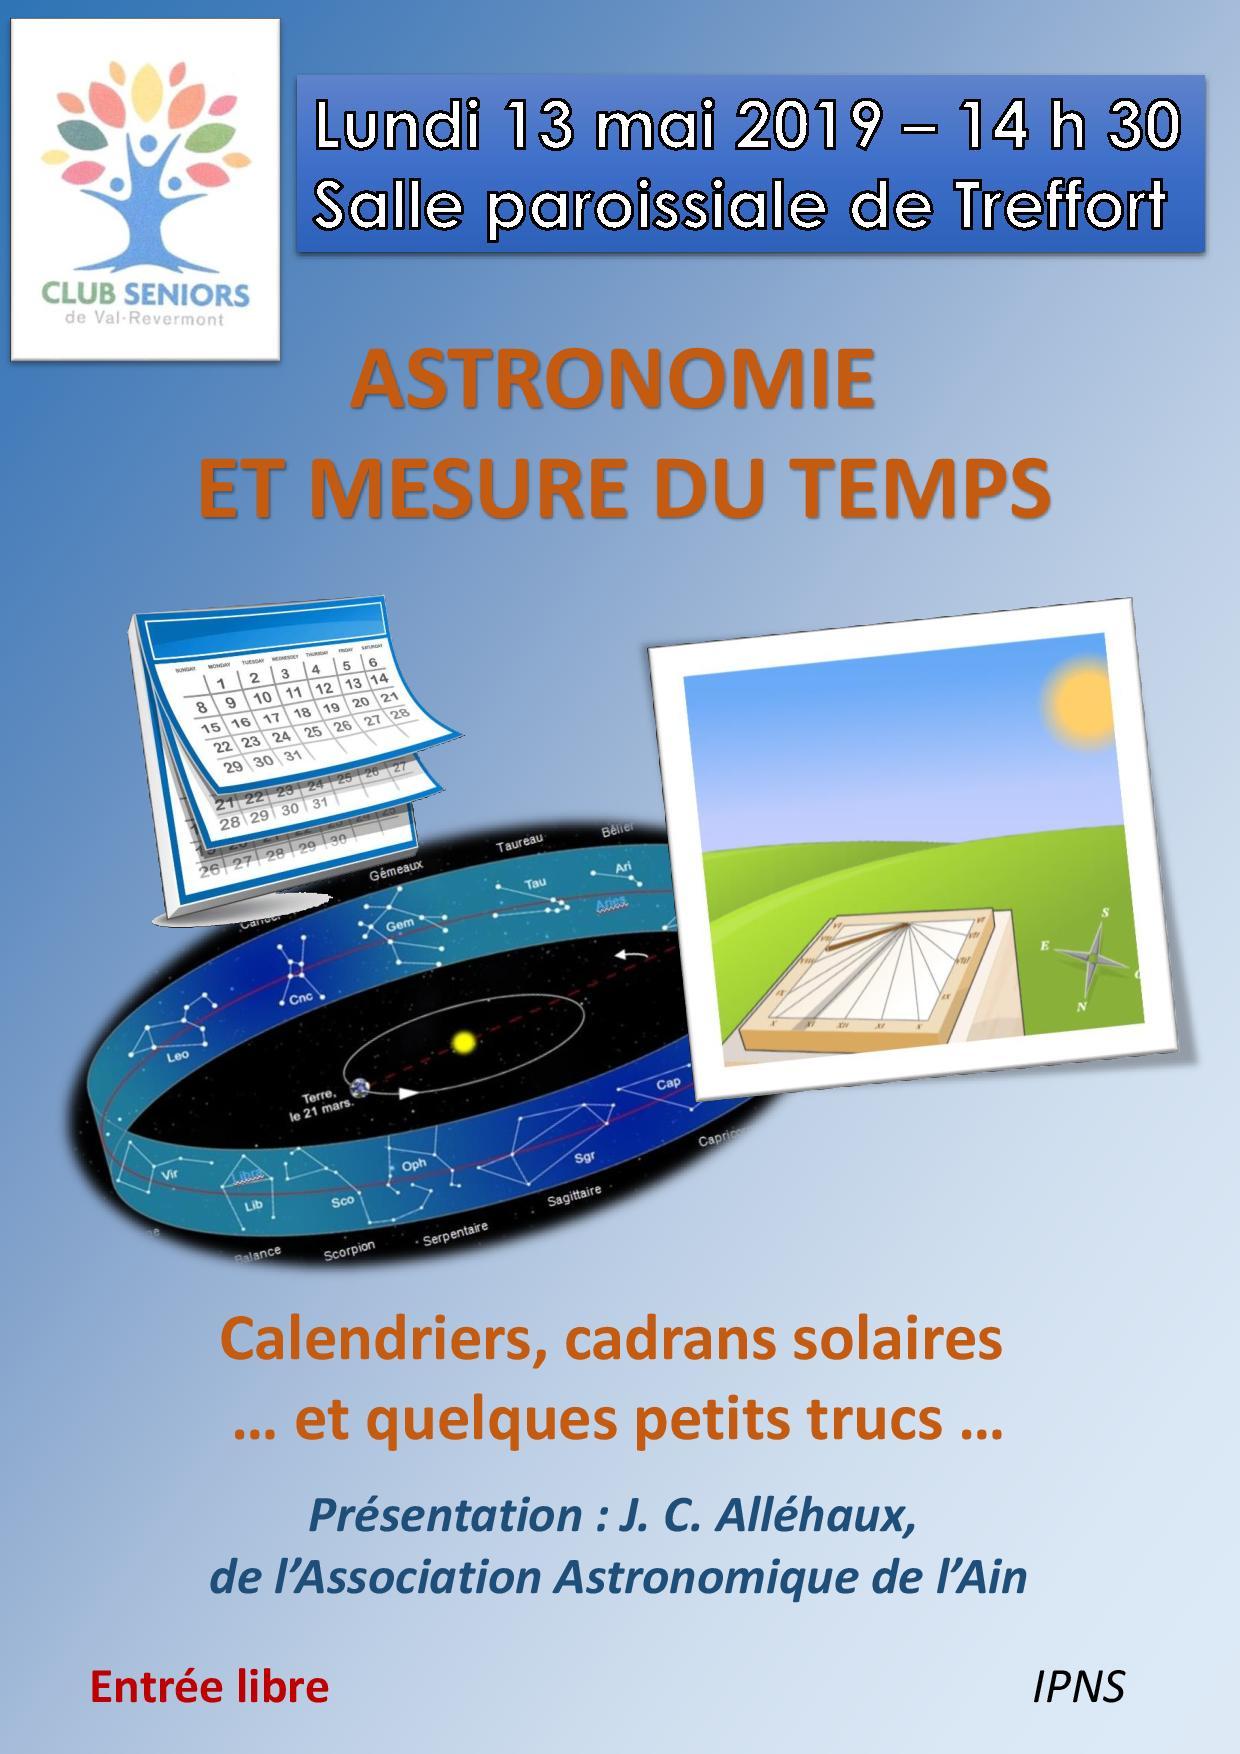 Astronomie et mesure du temps